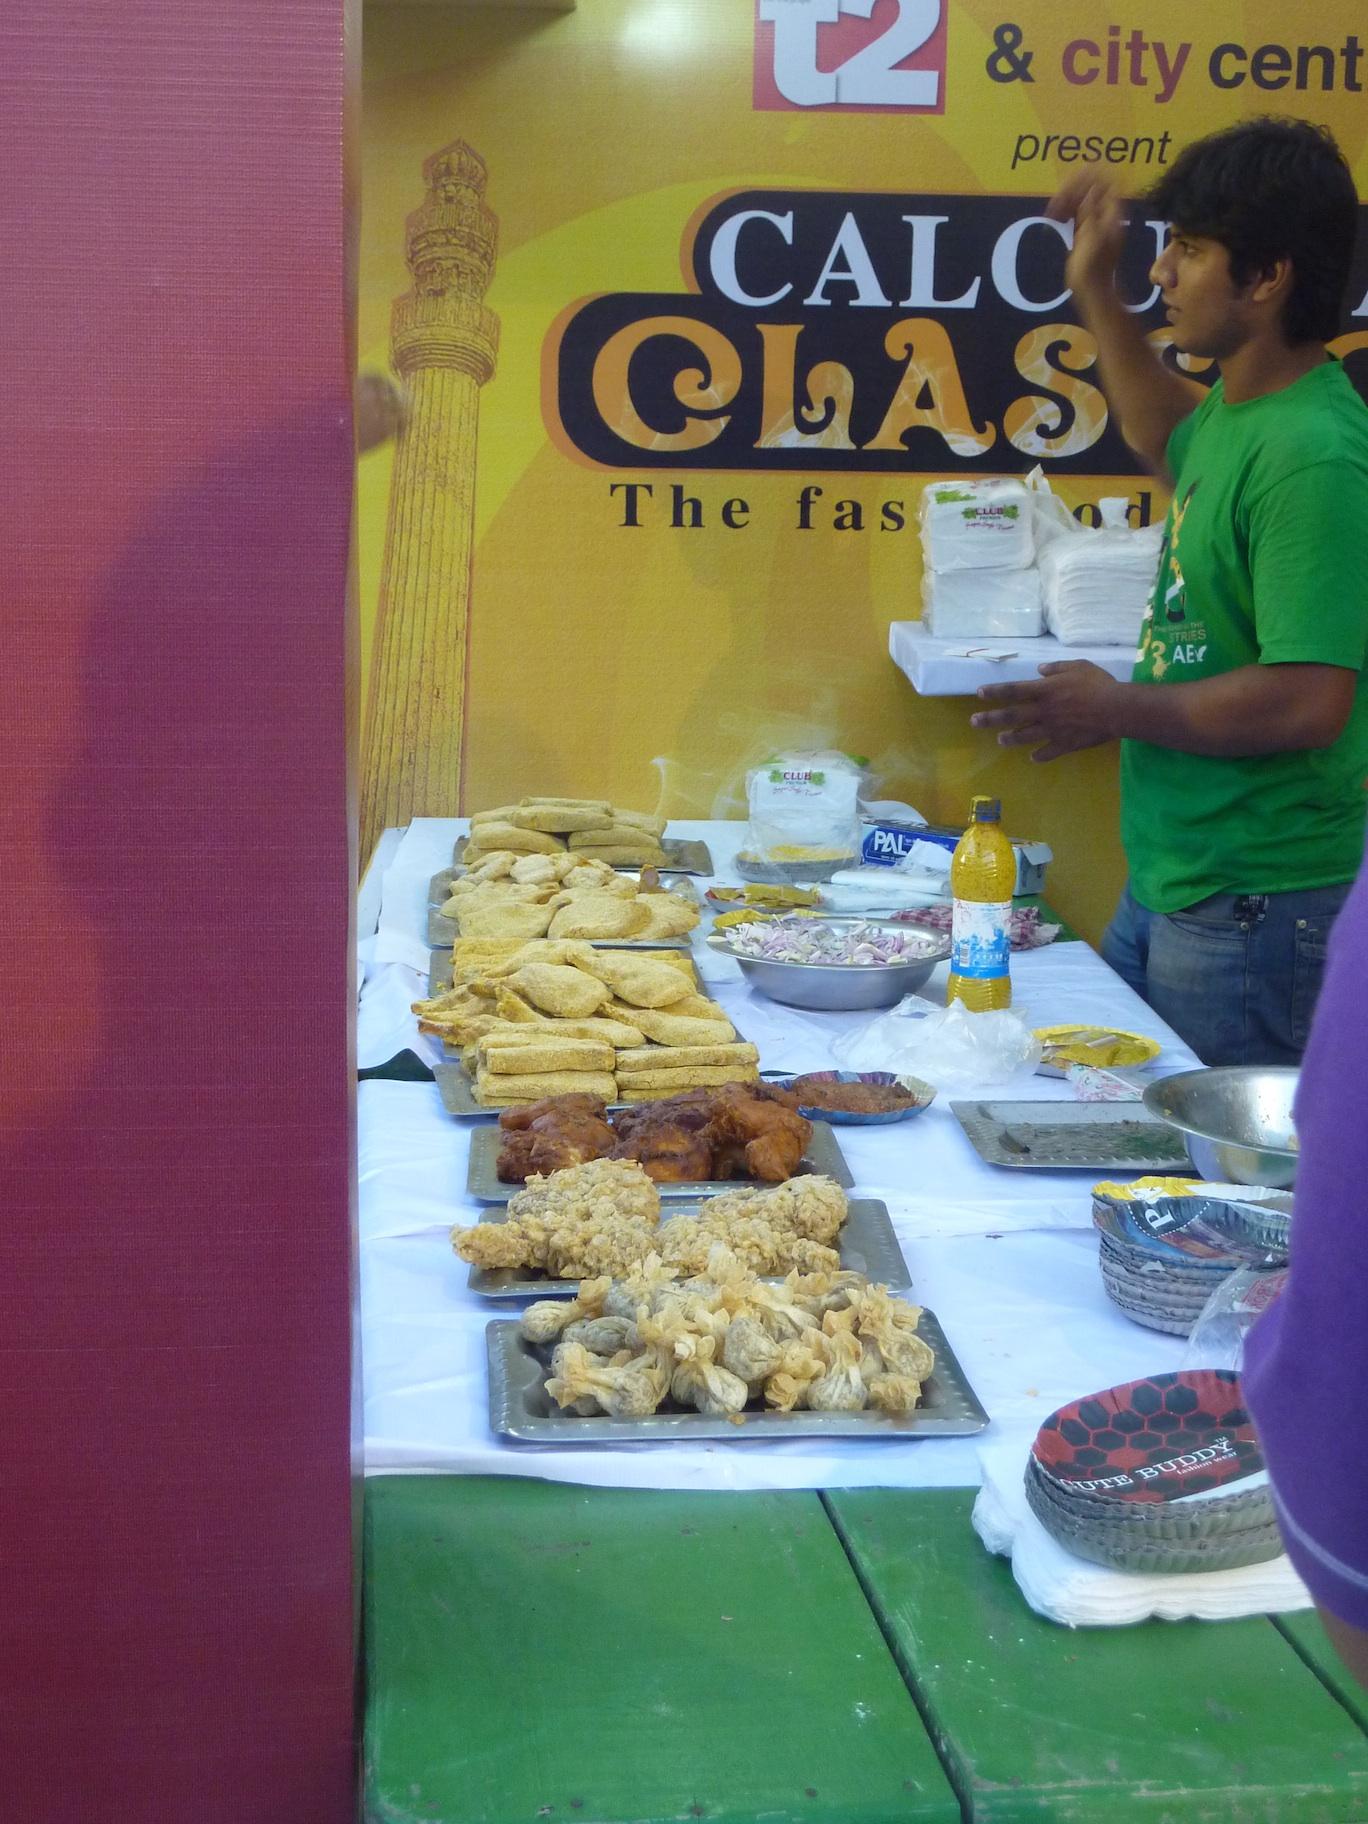 Calcuttafoodfestival_small